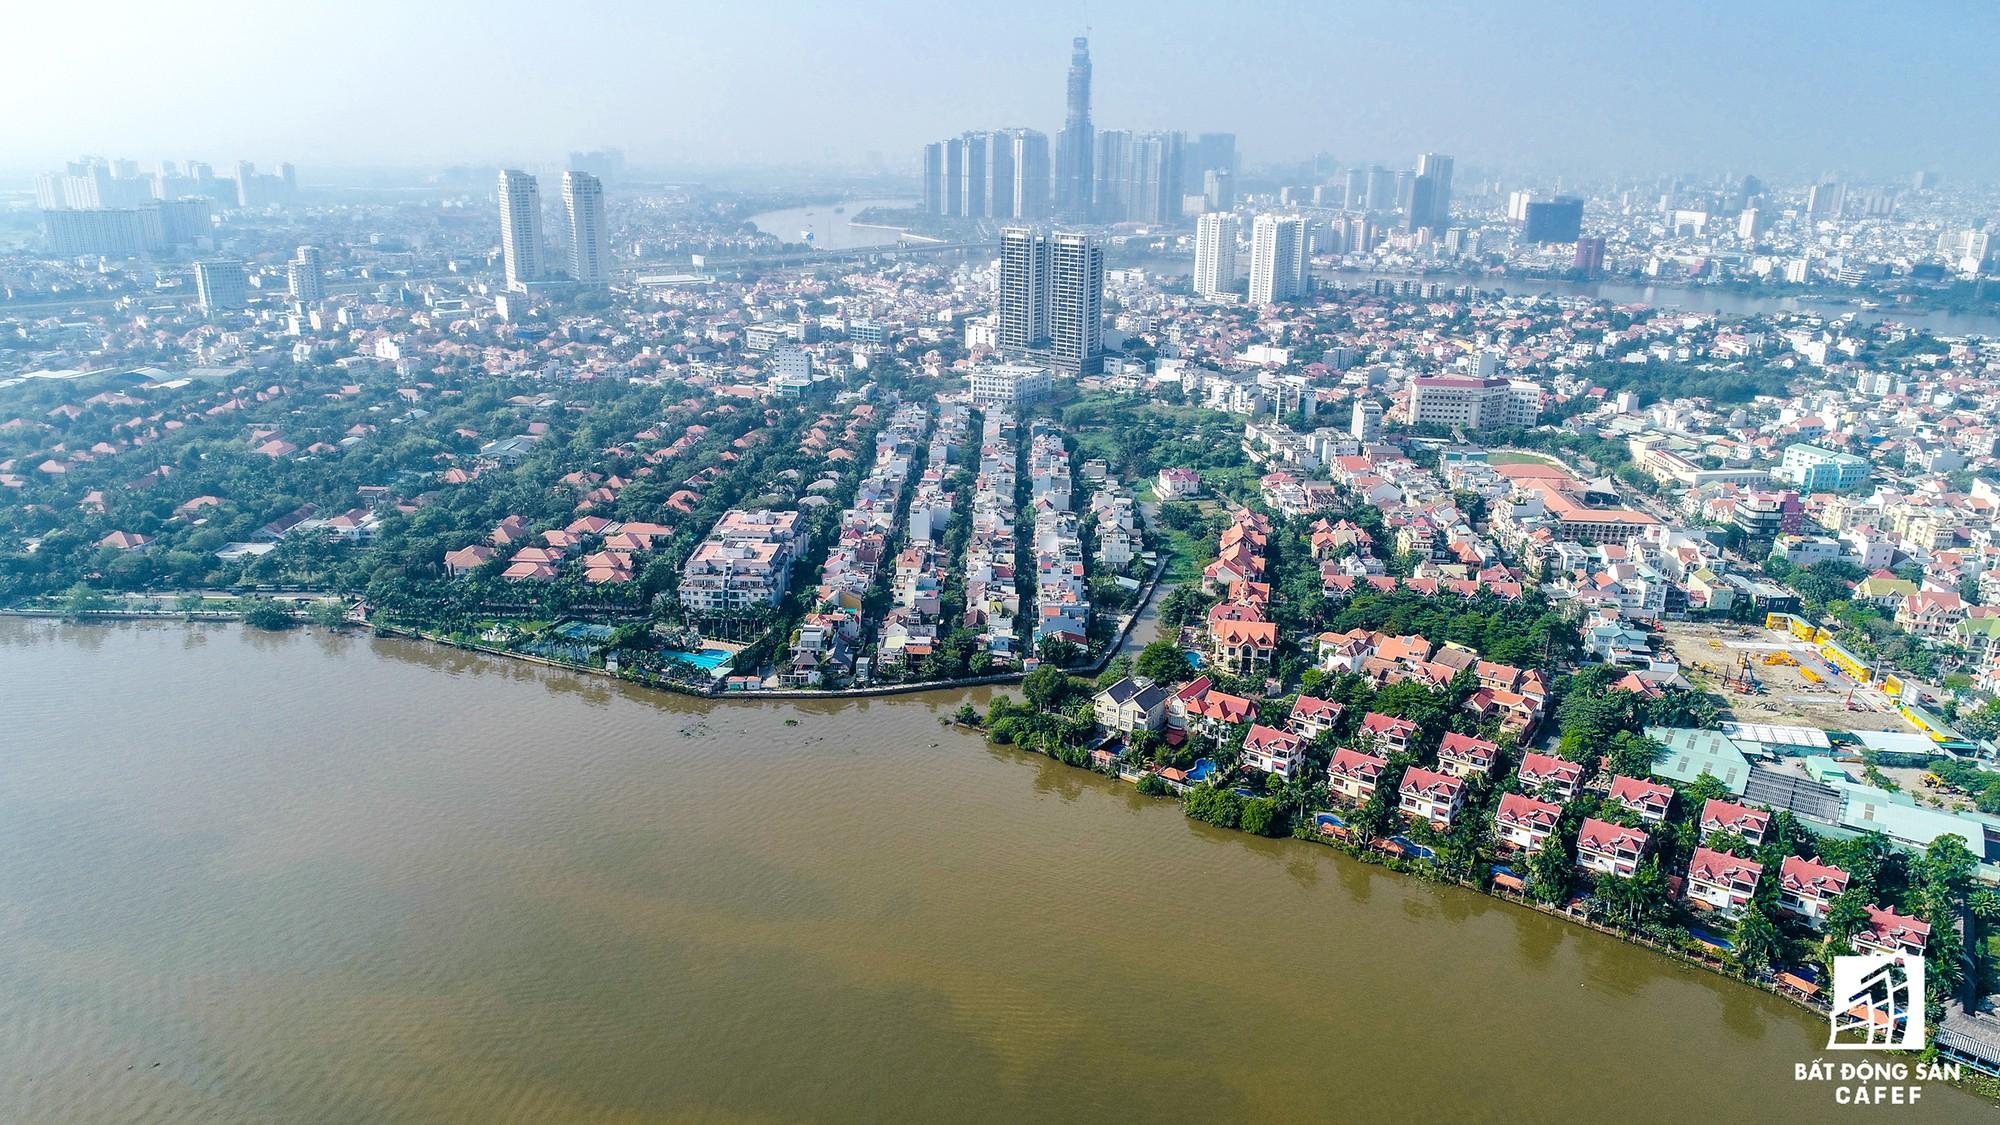 Nhà giàu cũng khóc trong những khu biệt thự sang chảnh bậc nhất Sài Gòn - Ảnh 12.